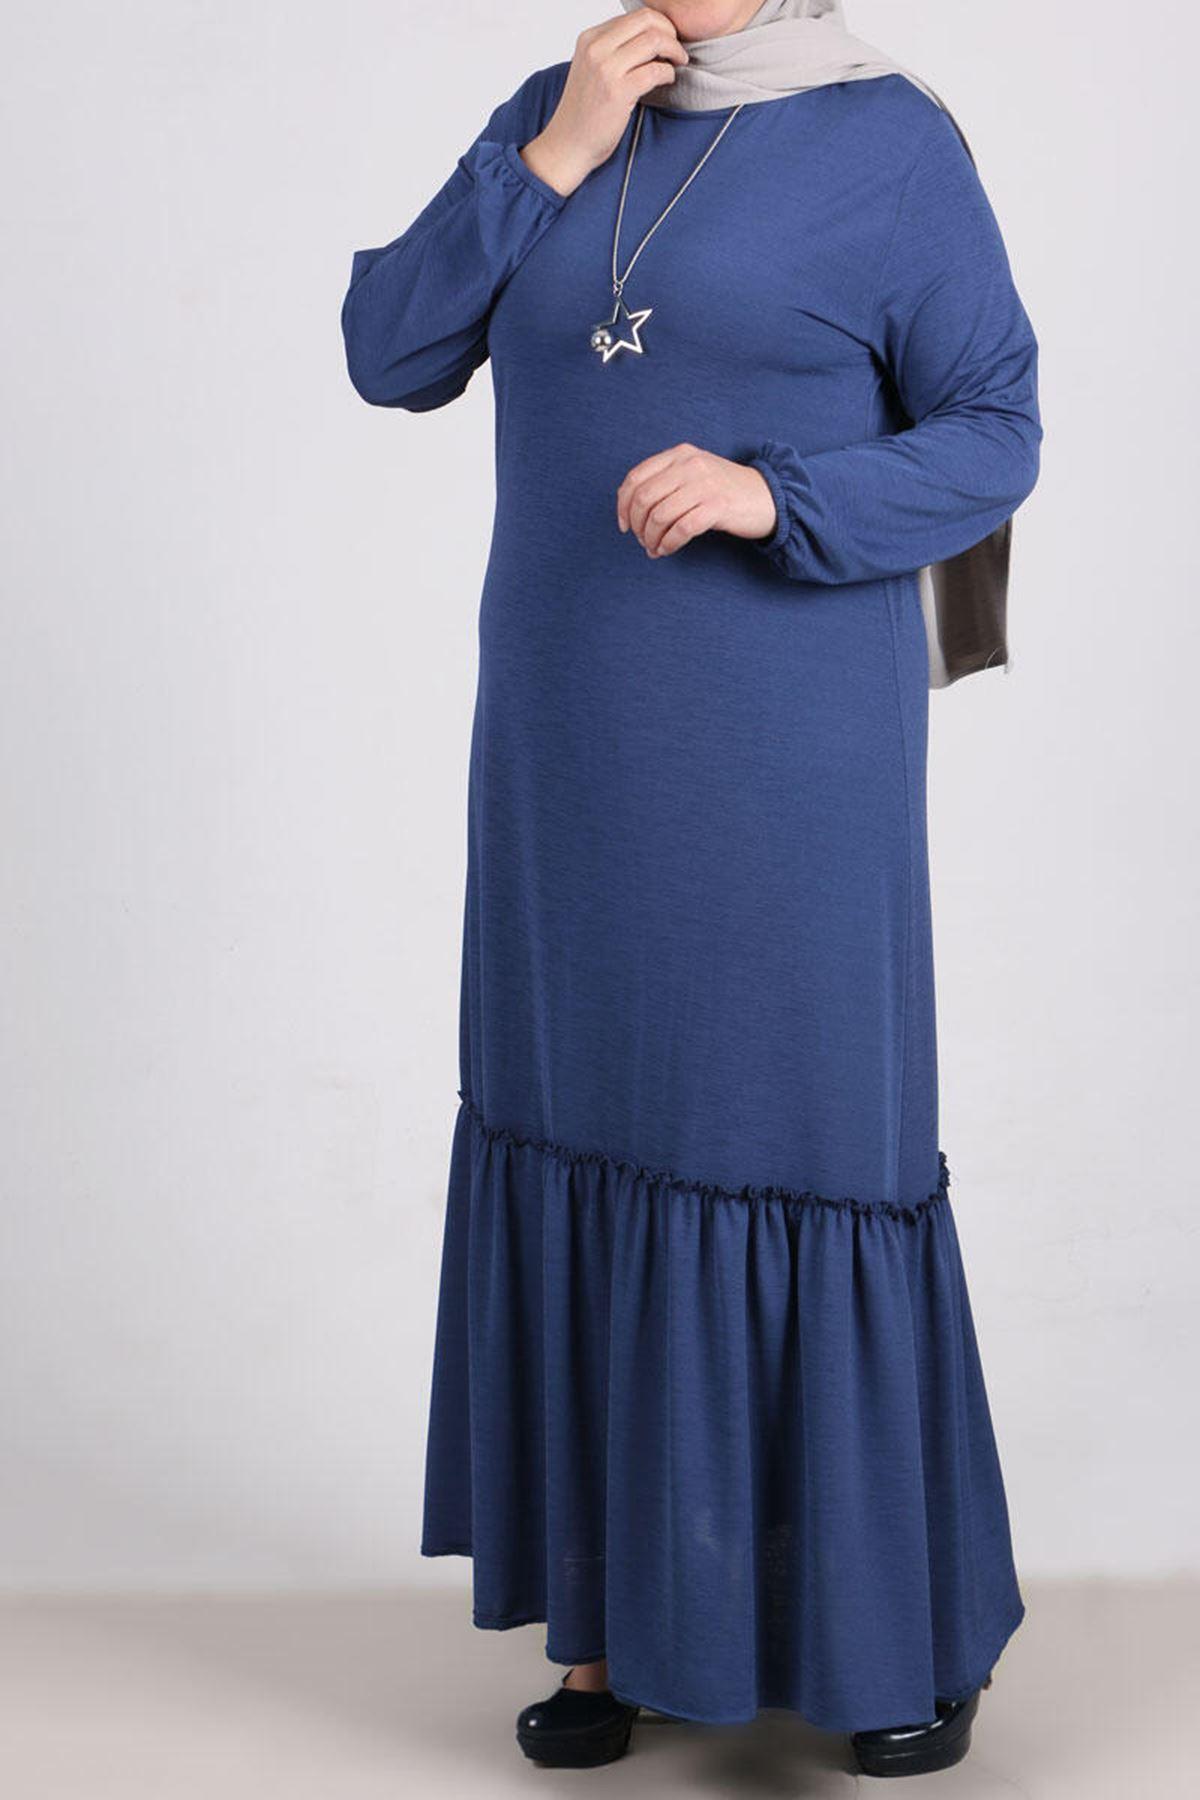 2089 Plus Size Sleeve Elastic Dress- Indigo